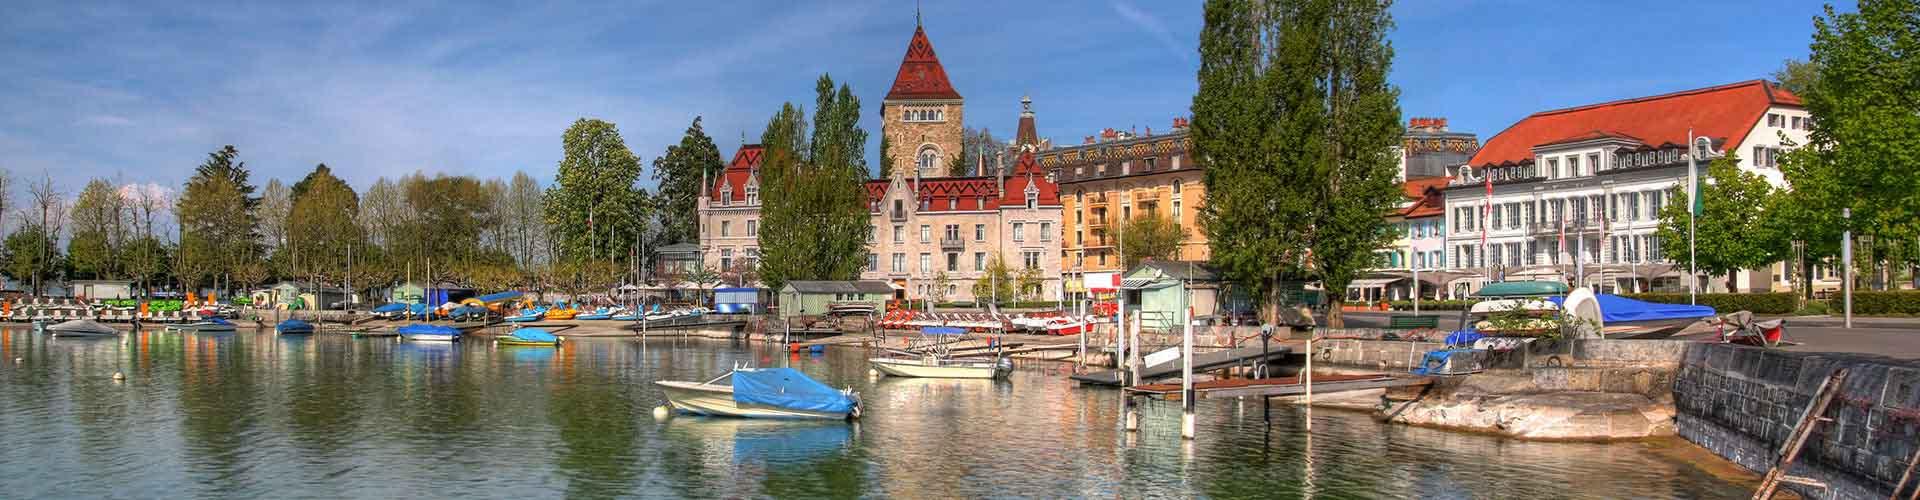 Lausanne - Hostelů v Lausanne. Mapy pro Lausanne, fotky a recenze pro každý hostel v Lausanne.